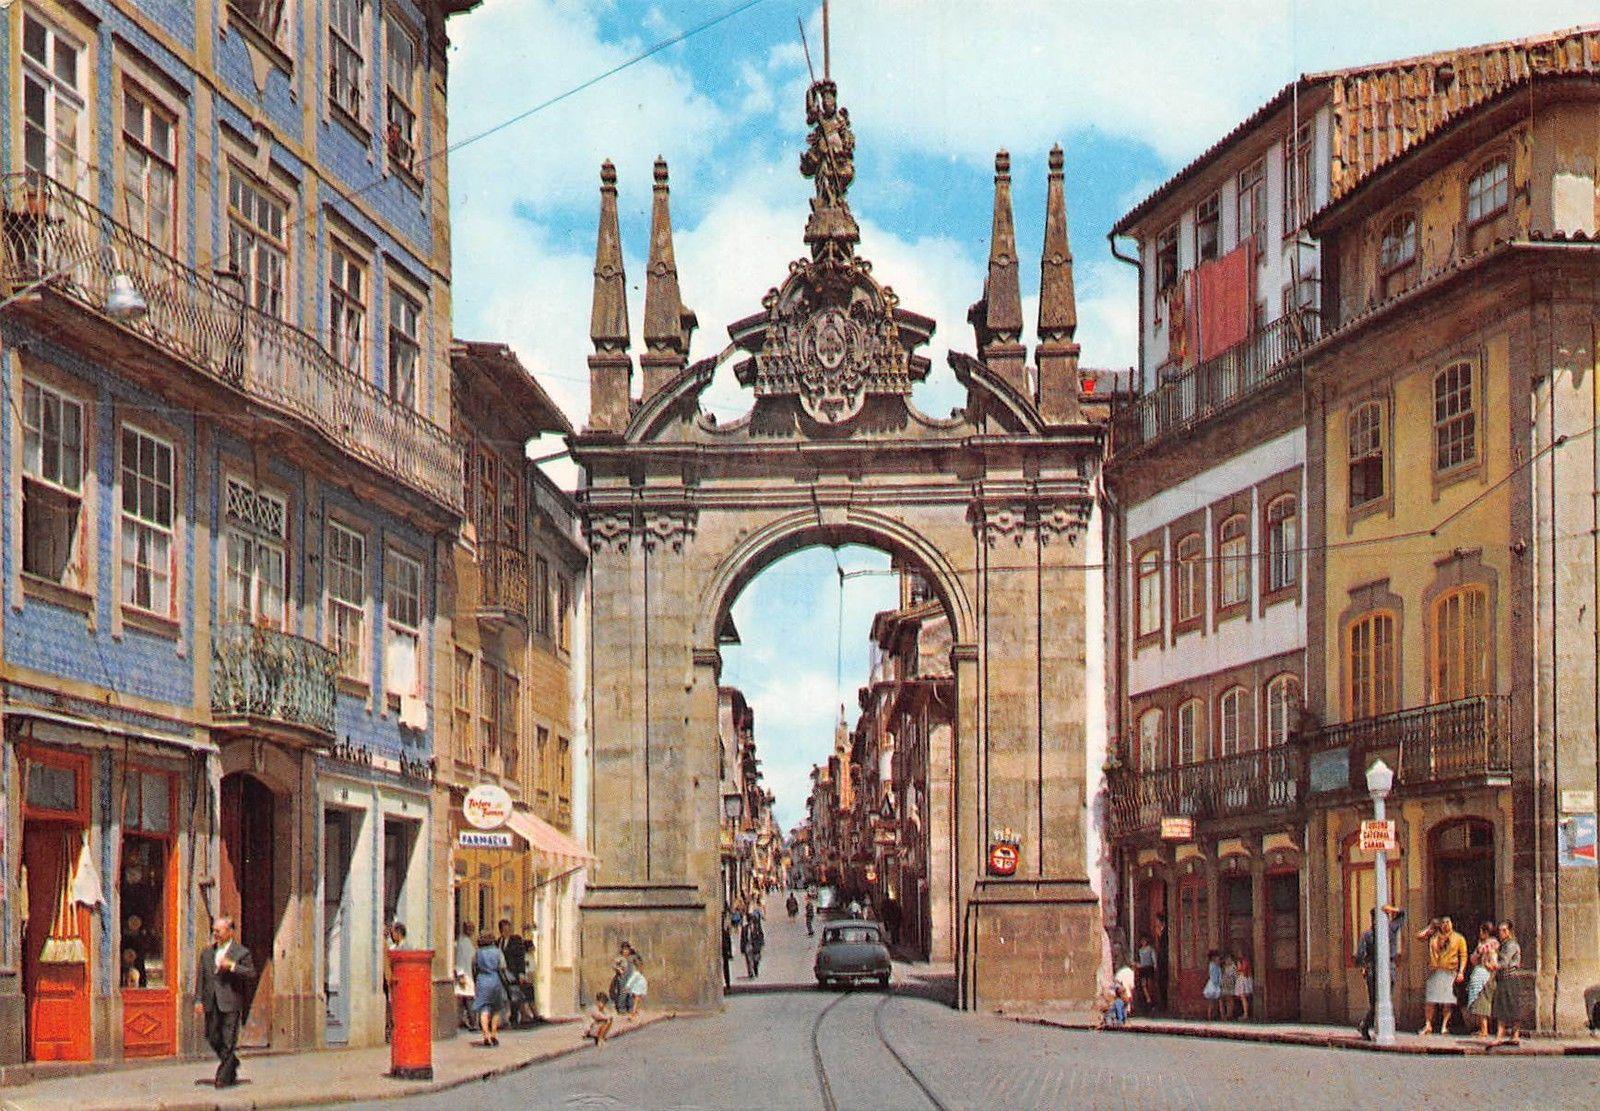 Arco Per Porta portugal braga arco da porta nova new gate's arch arc de la